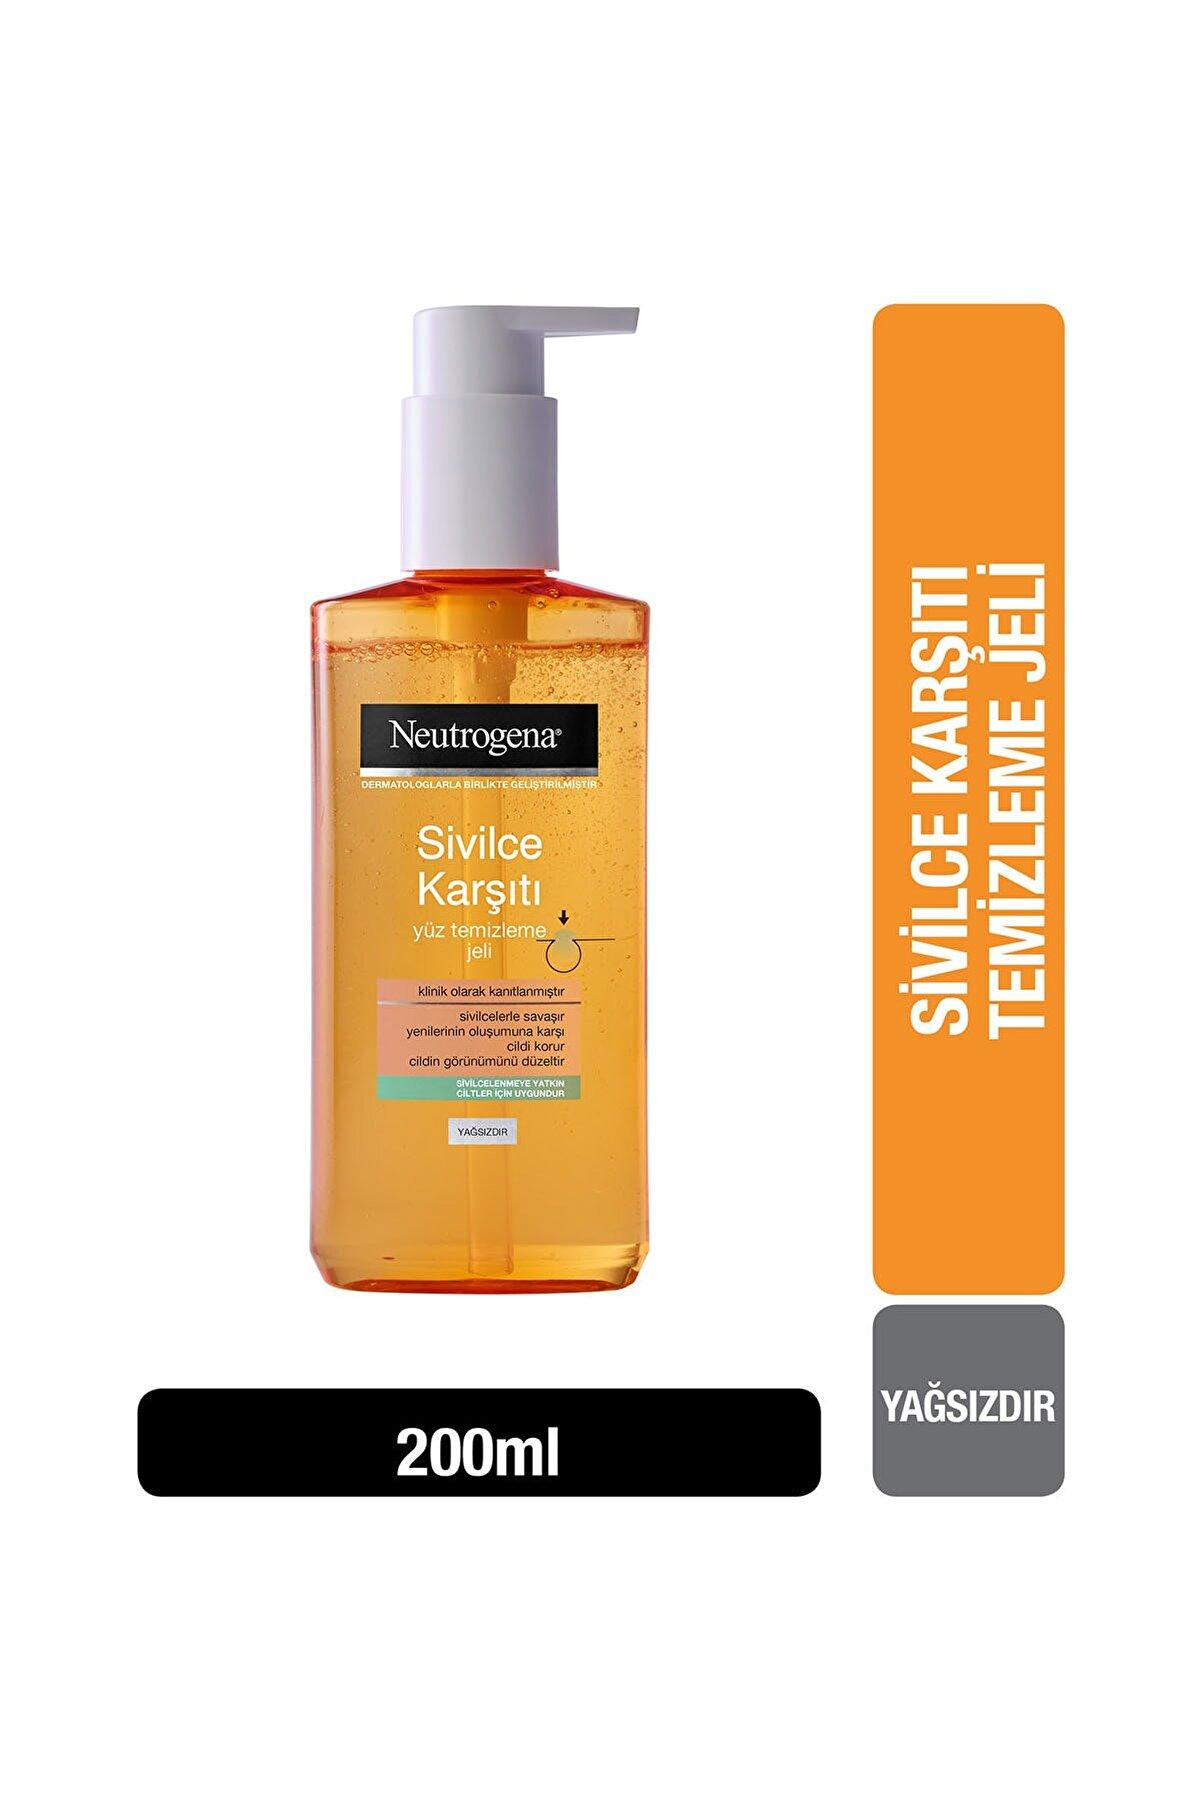 Neutrogena Visibly Clear Sivilce Karşıtı Günlük Yüz Temizleme Jeli 200 ml